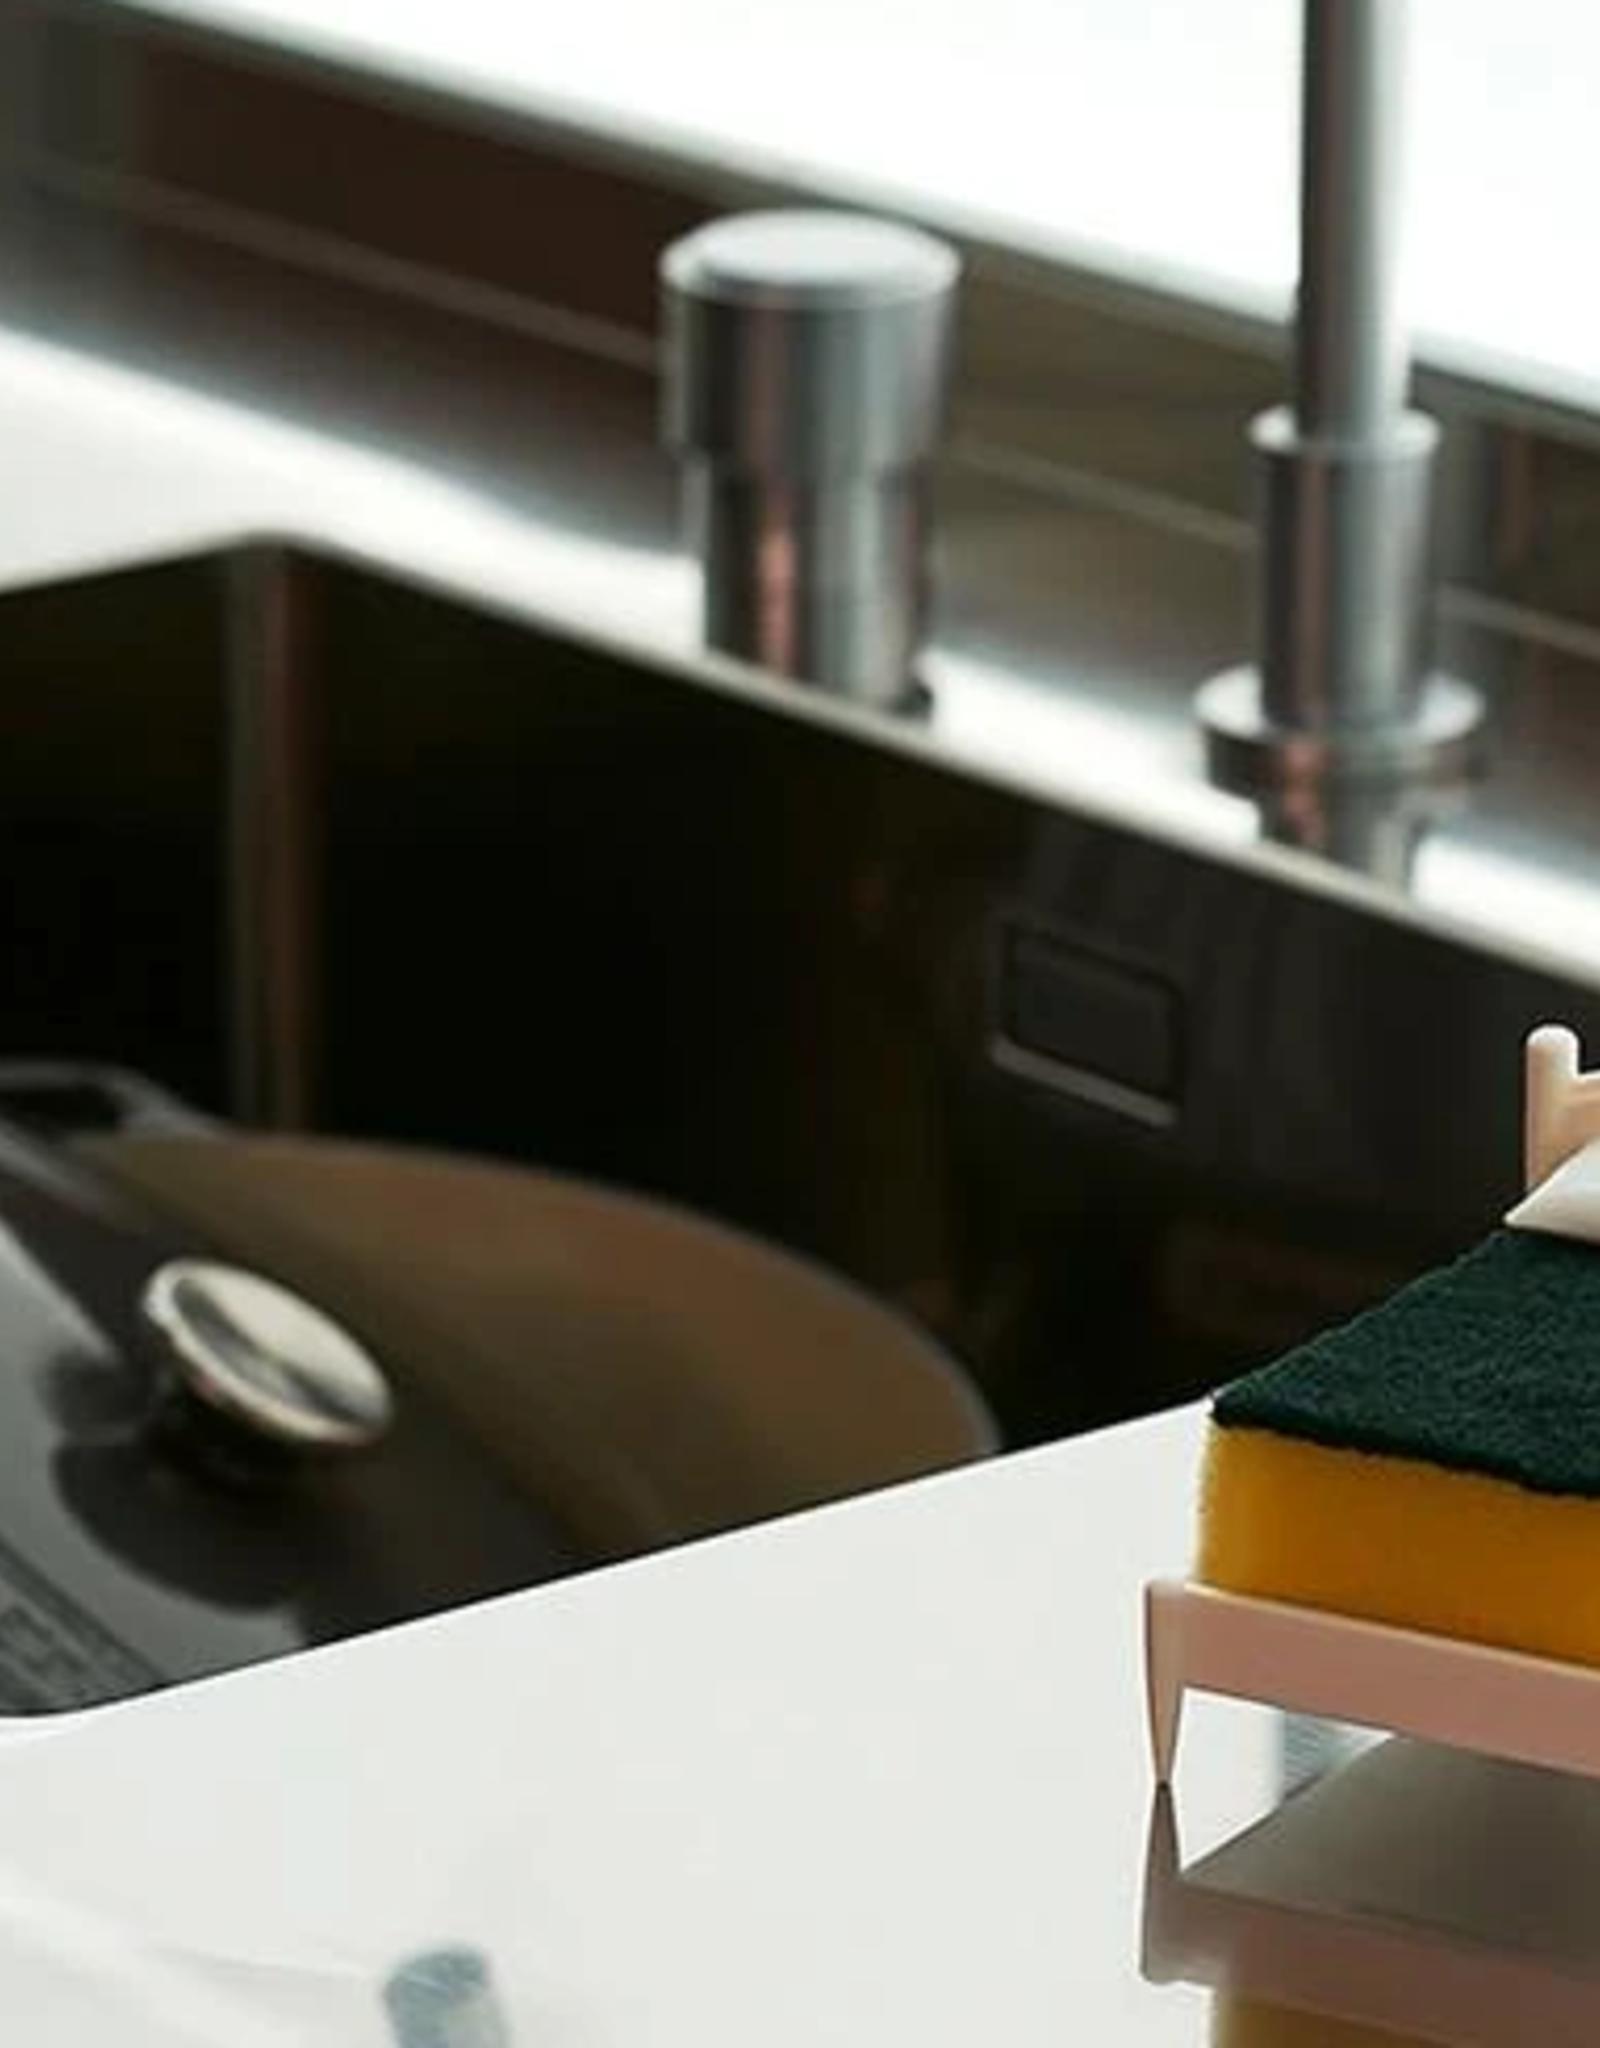 abodee kitchen sponge holder